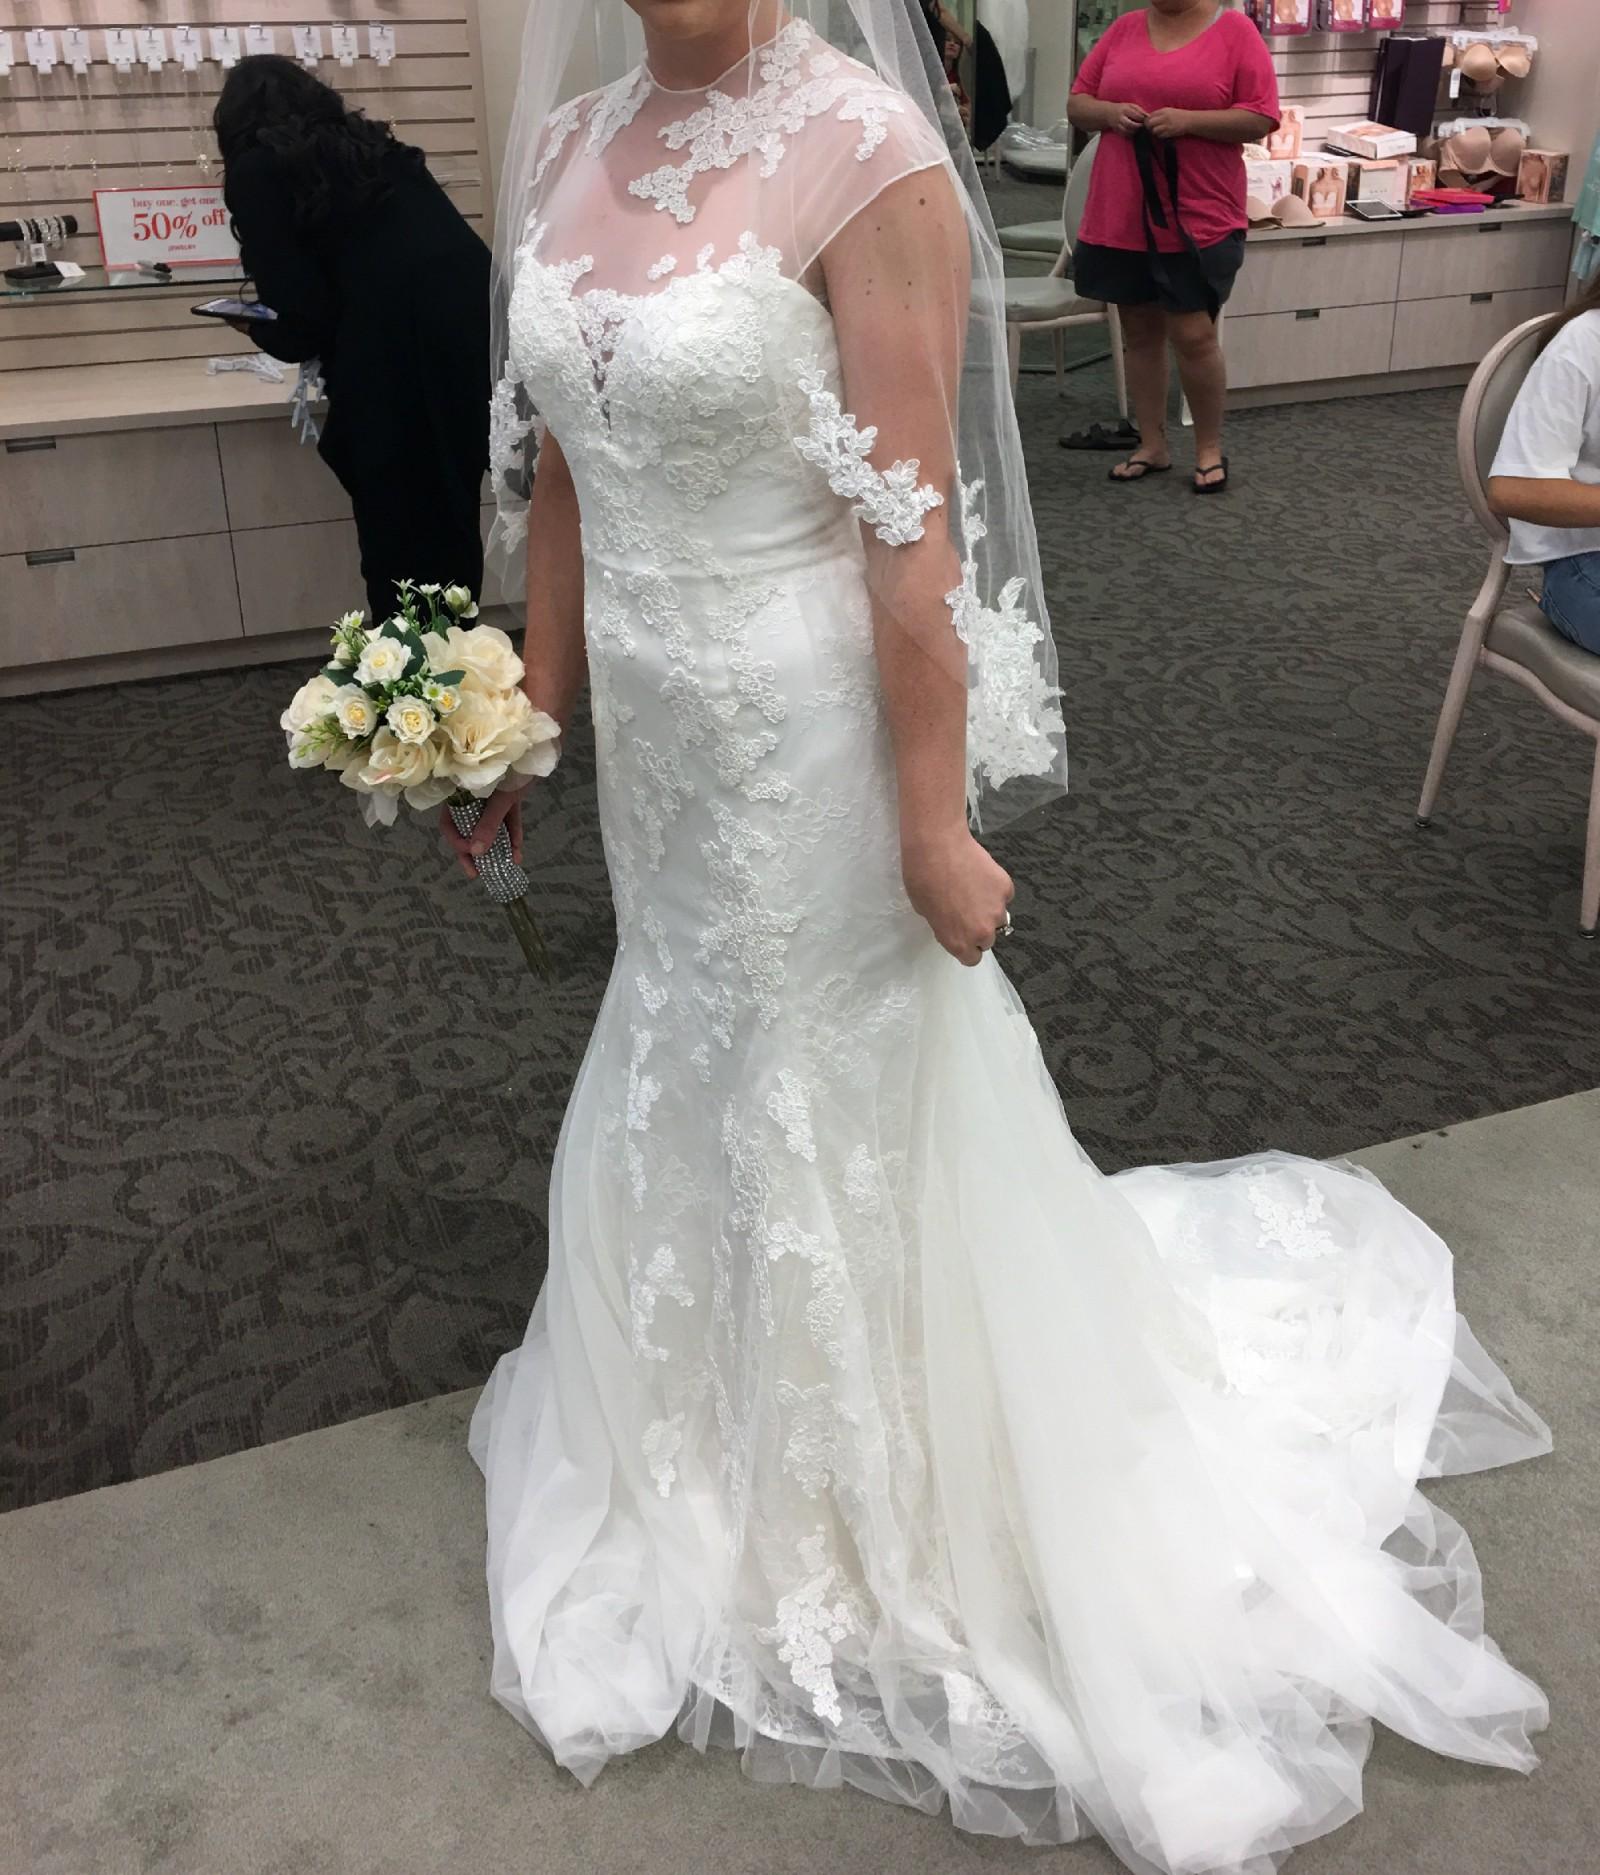 Vera Wang Chantilly Lace Wedding Dress 60 Off Tajpalace Net